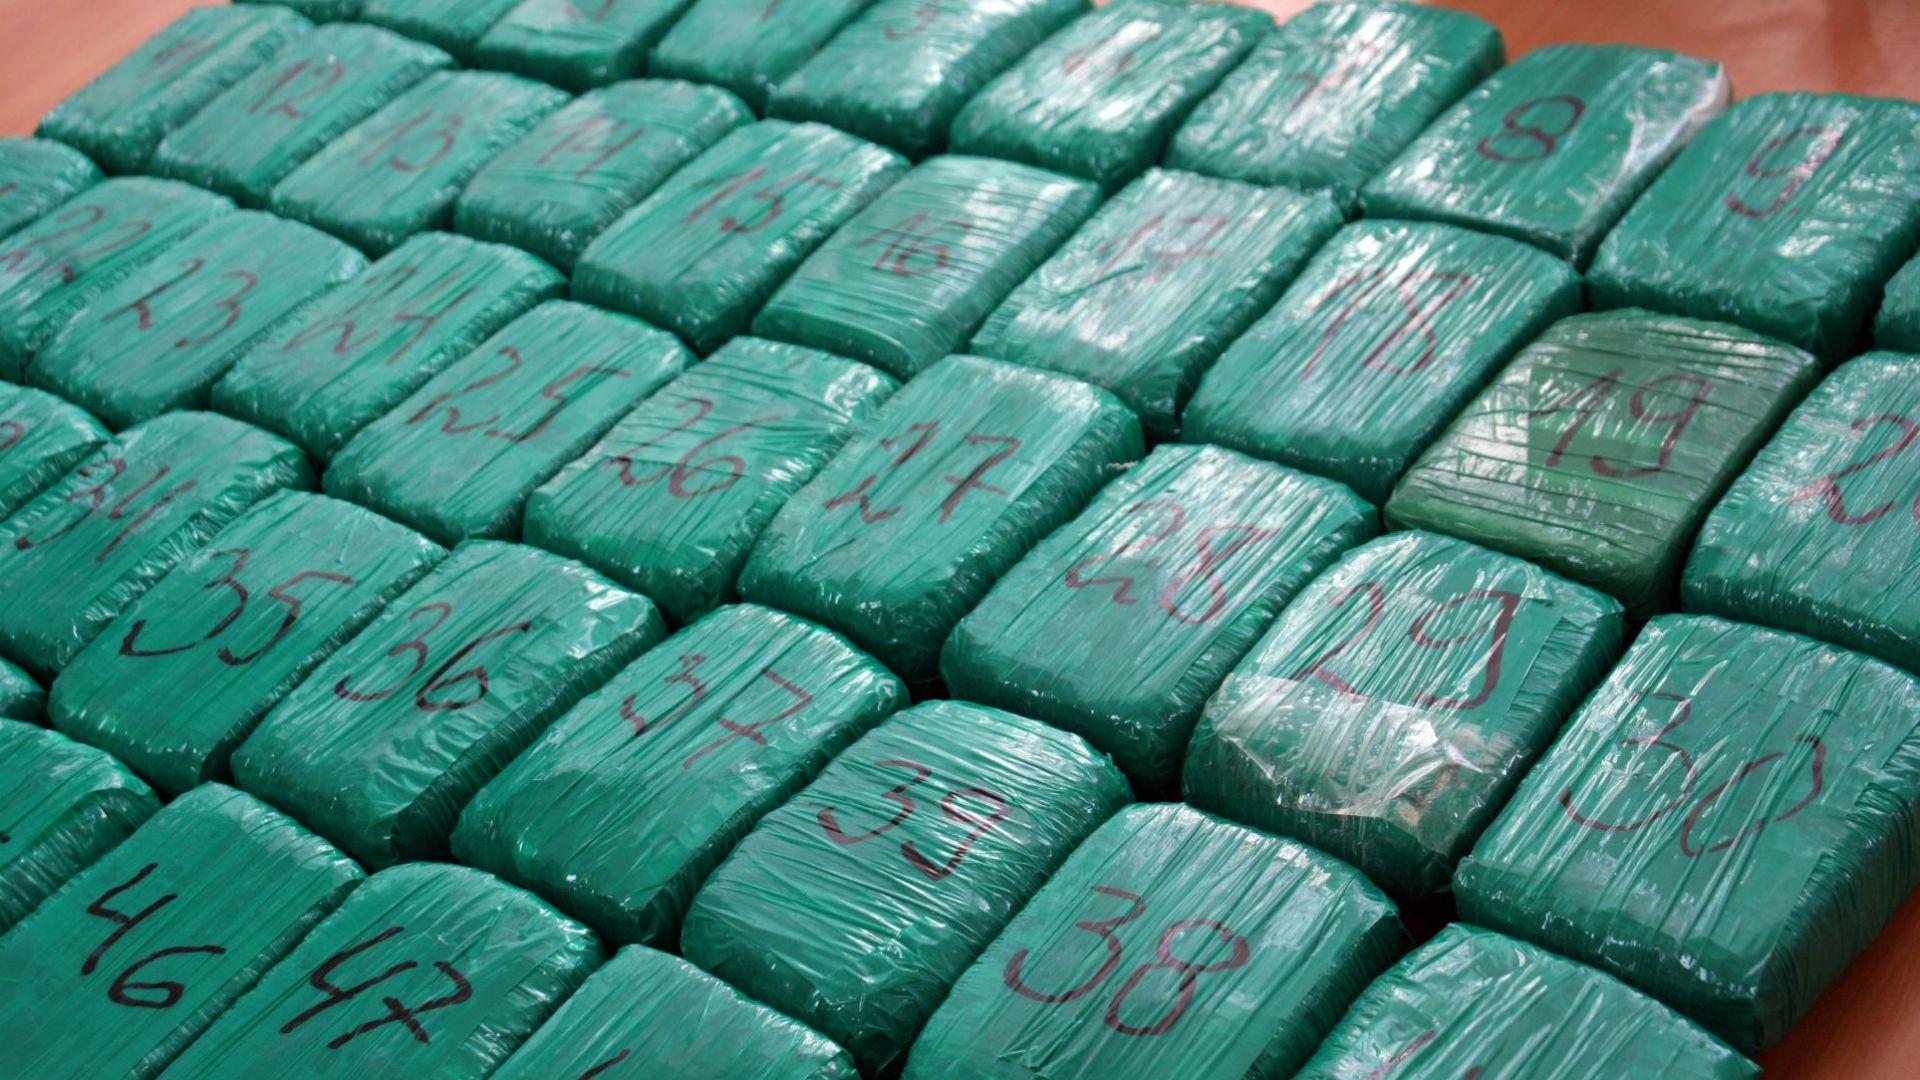 Над 100 килограма хероин е бил открит в кабината на